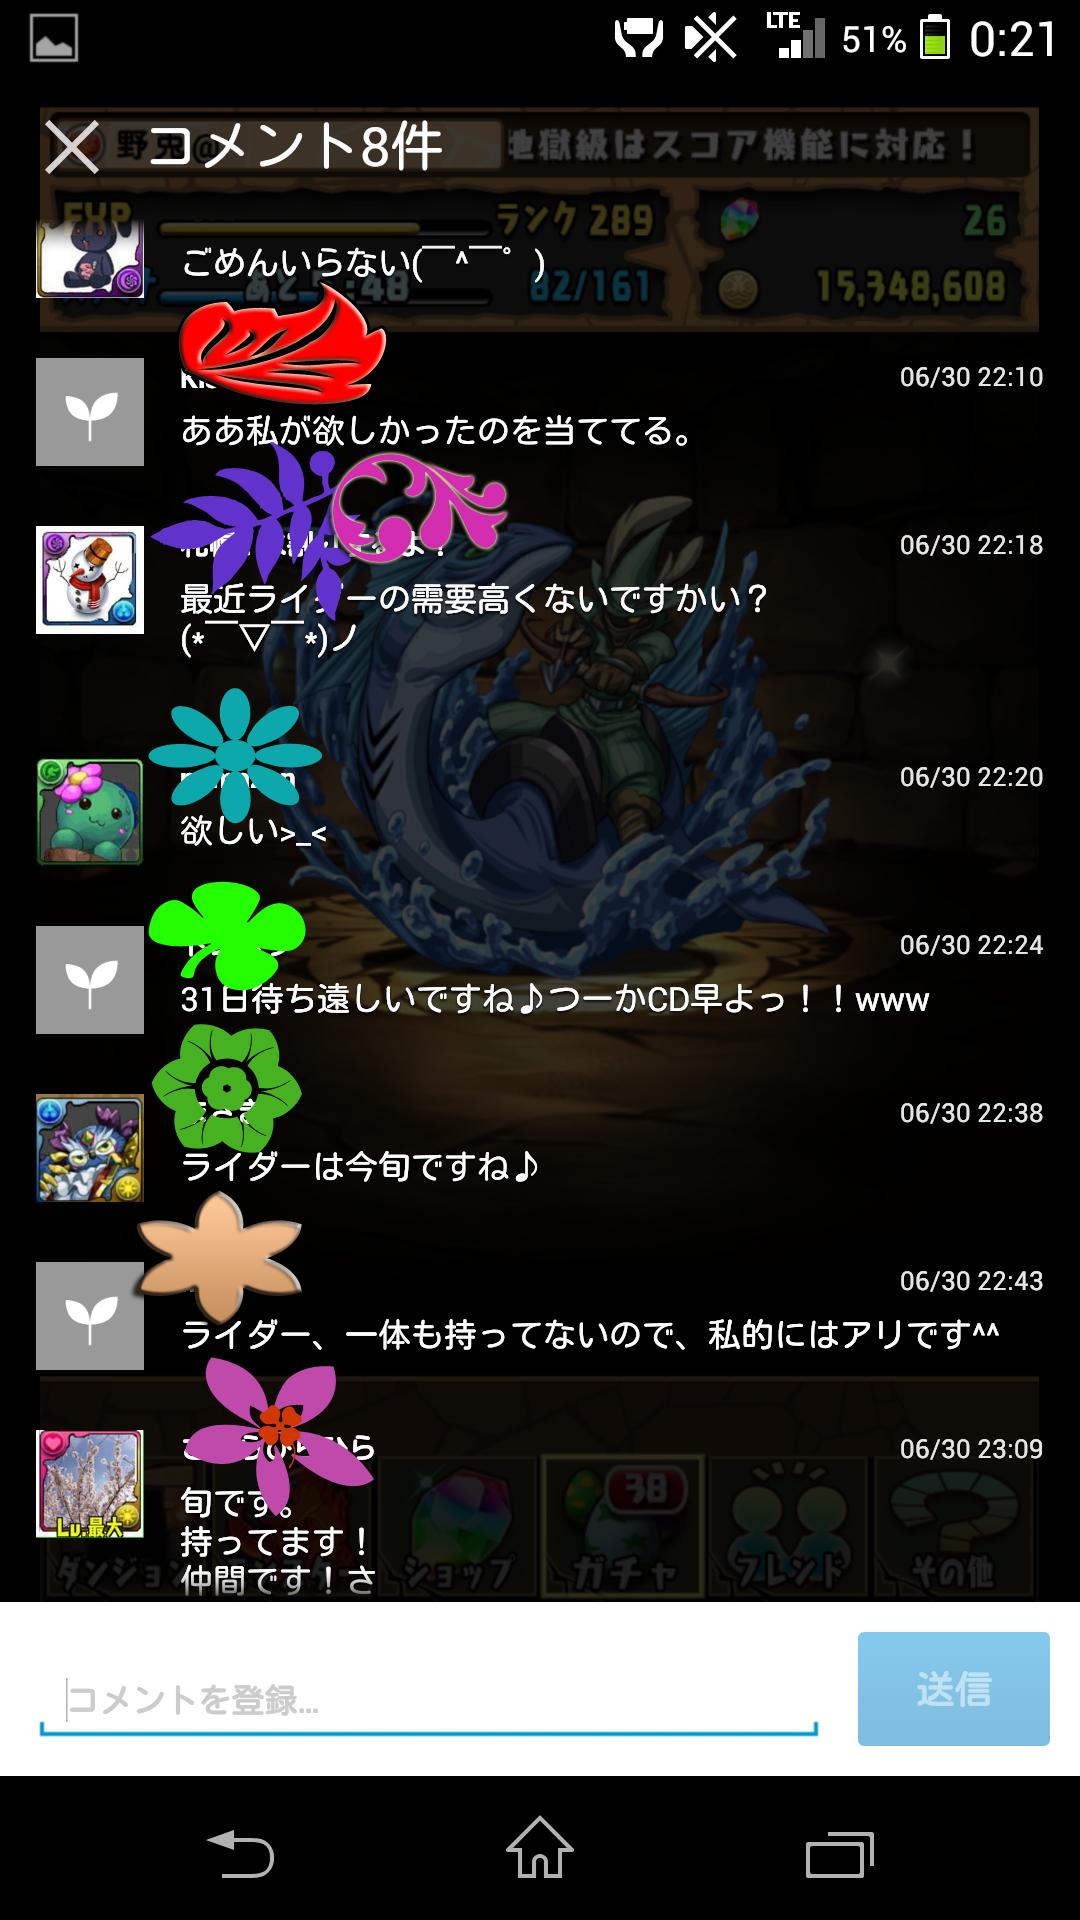 Screenshot_2014-07-01-00-22-01.jpg